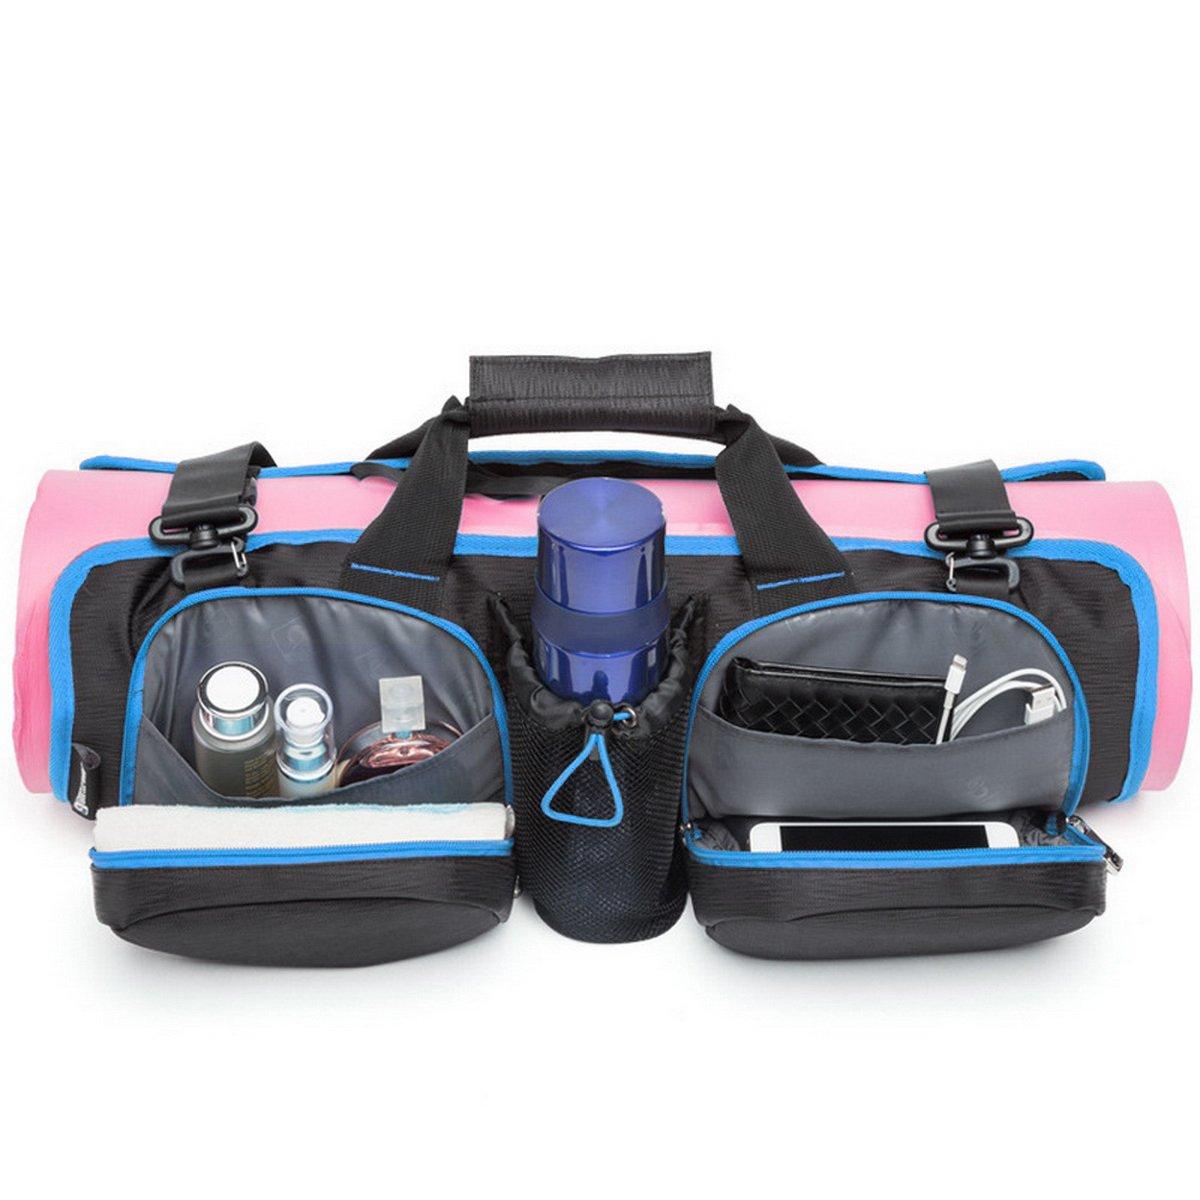 Acmebon Bolsa de Yoga Para Esterilla Plegable Multifuncional de Gran Capacidad de Hombro Bolso de Yoga Gimnasio Deportes Port/átil Para Hombres y Mujeres Negro y azul 607